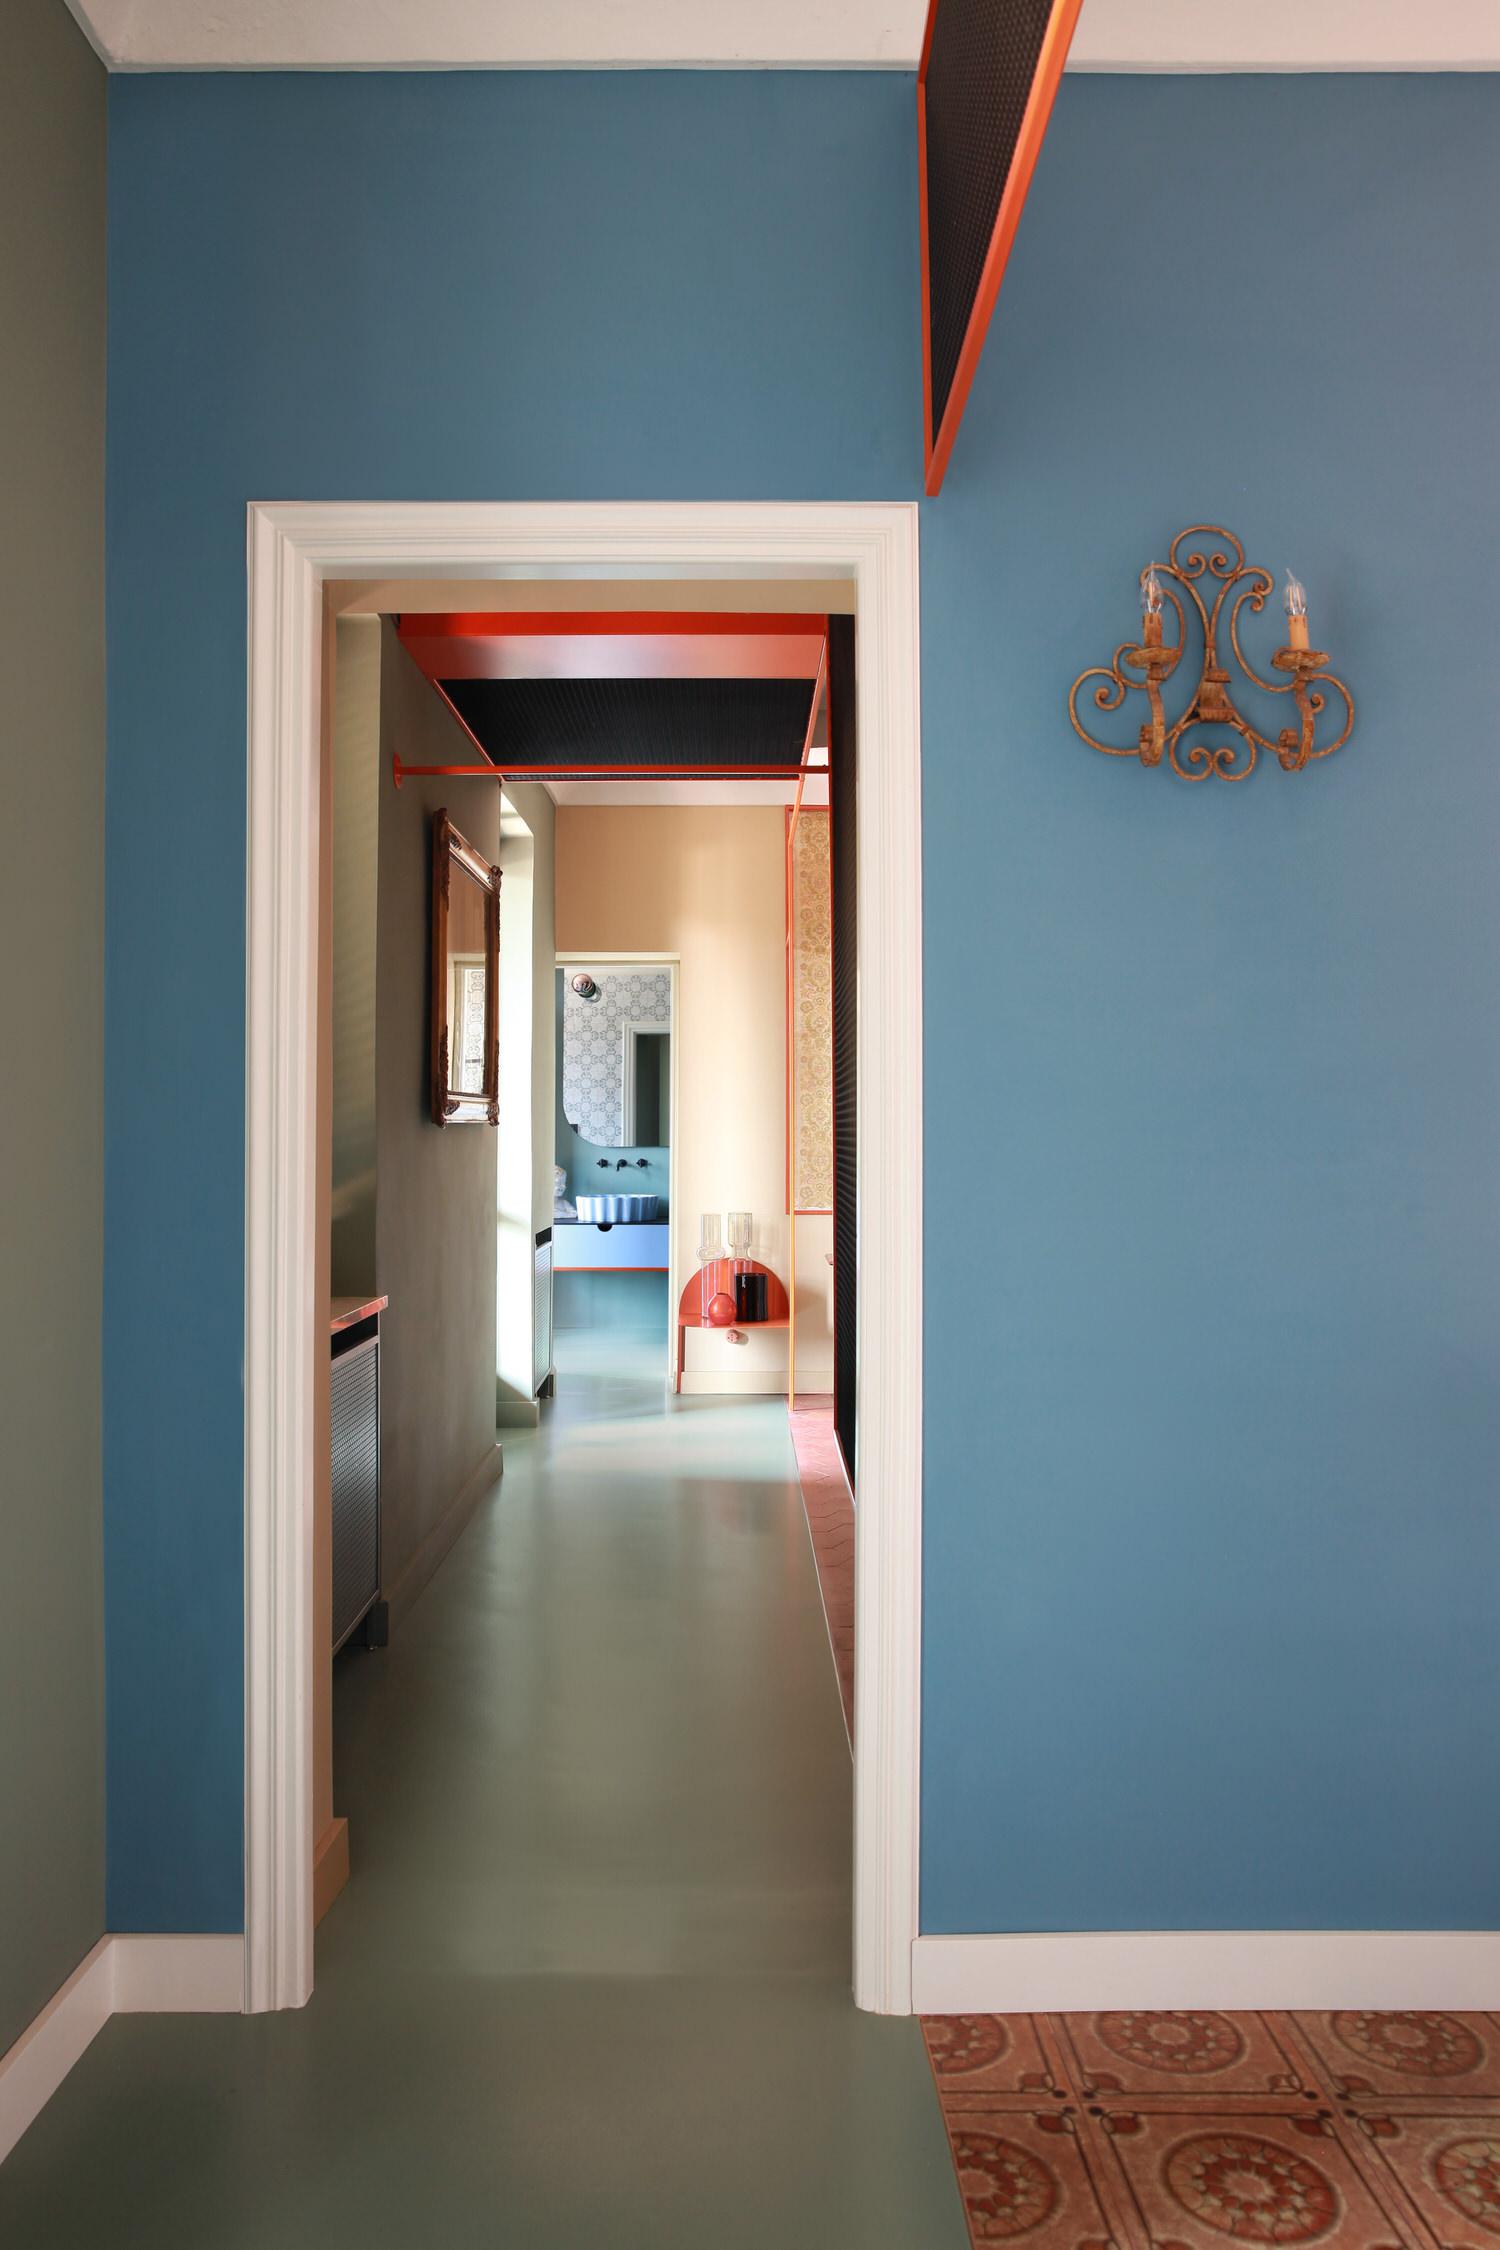 Marcante Testa Private House Renovation Cavallermaggiore Photo Carola Ripamonti Yellowtrace 10